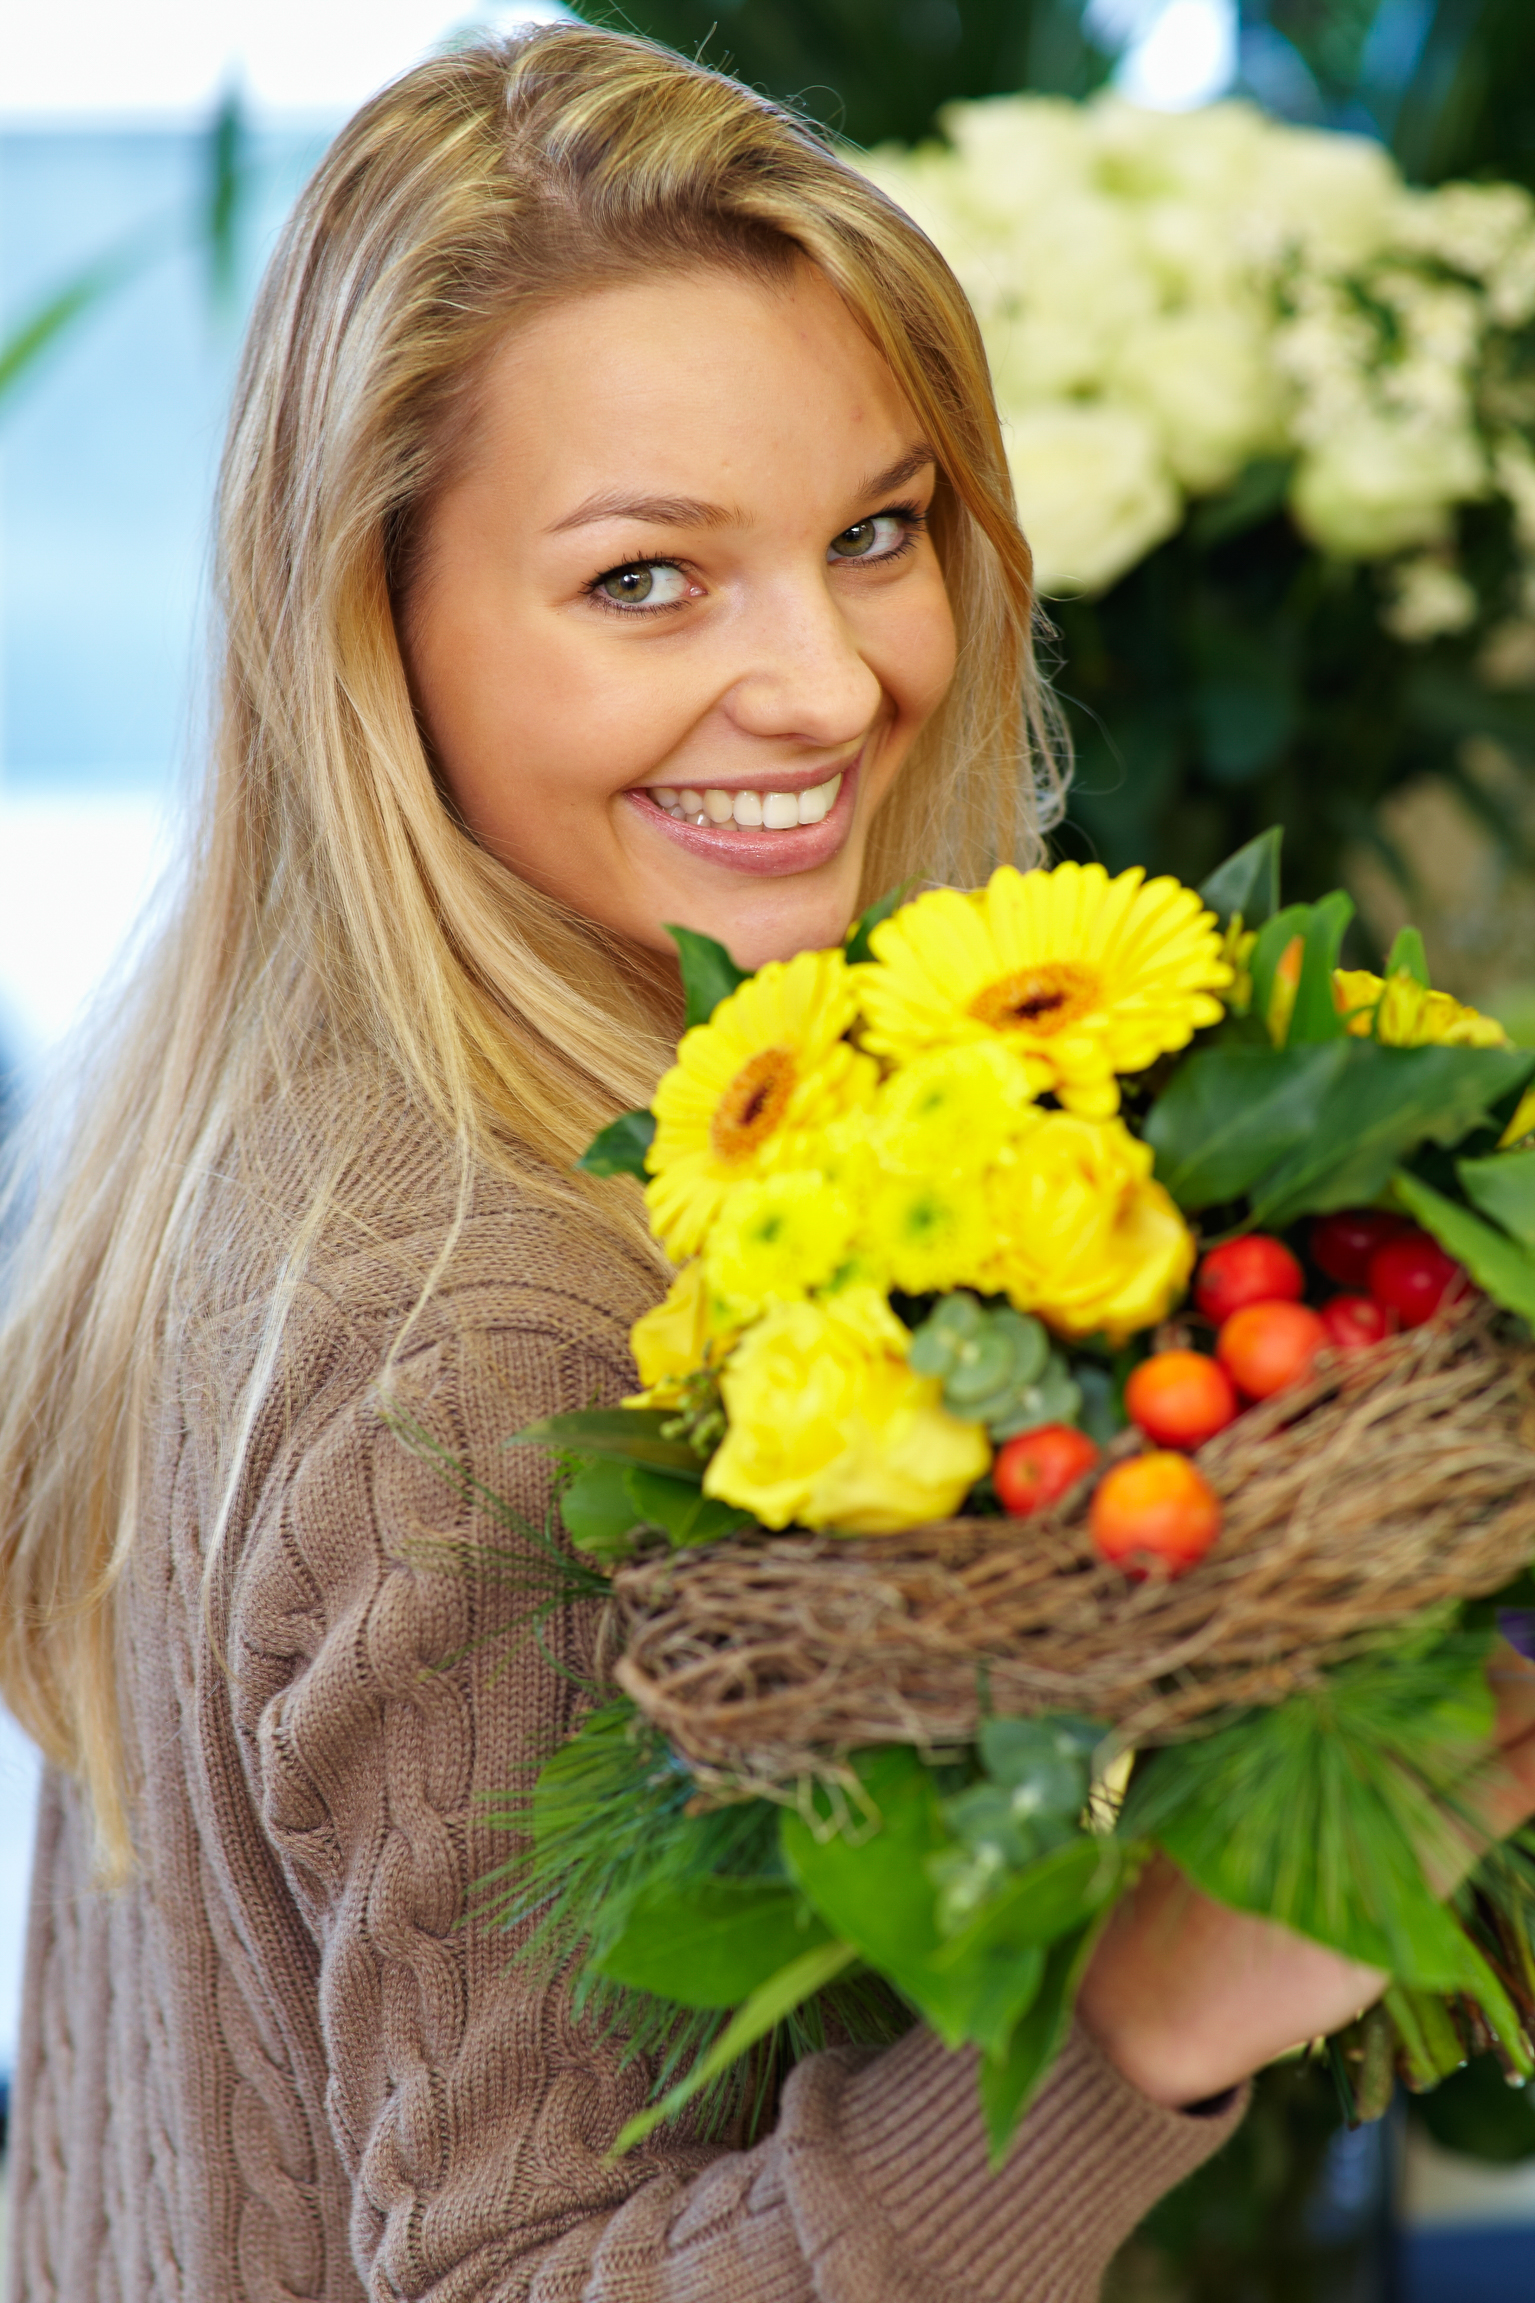 Die besten Geschenke zum Frauentag – Blühkraft trifft Frauenpower